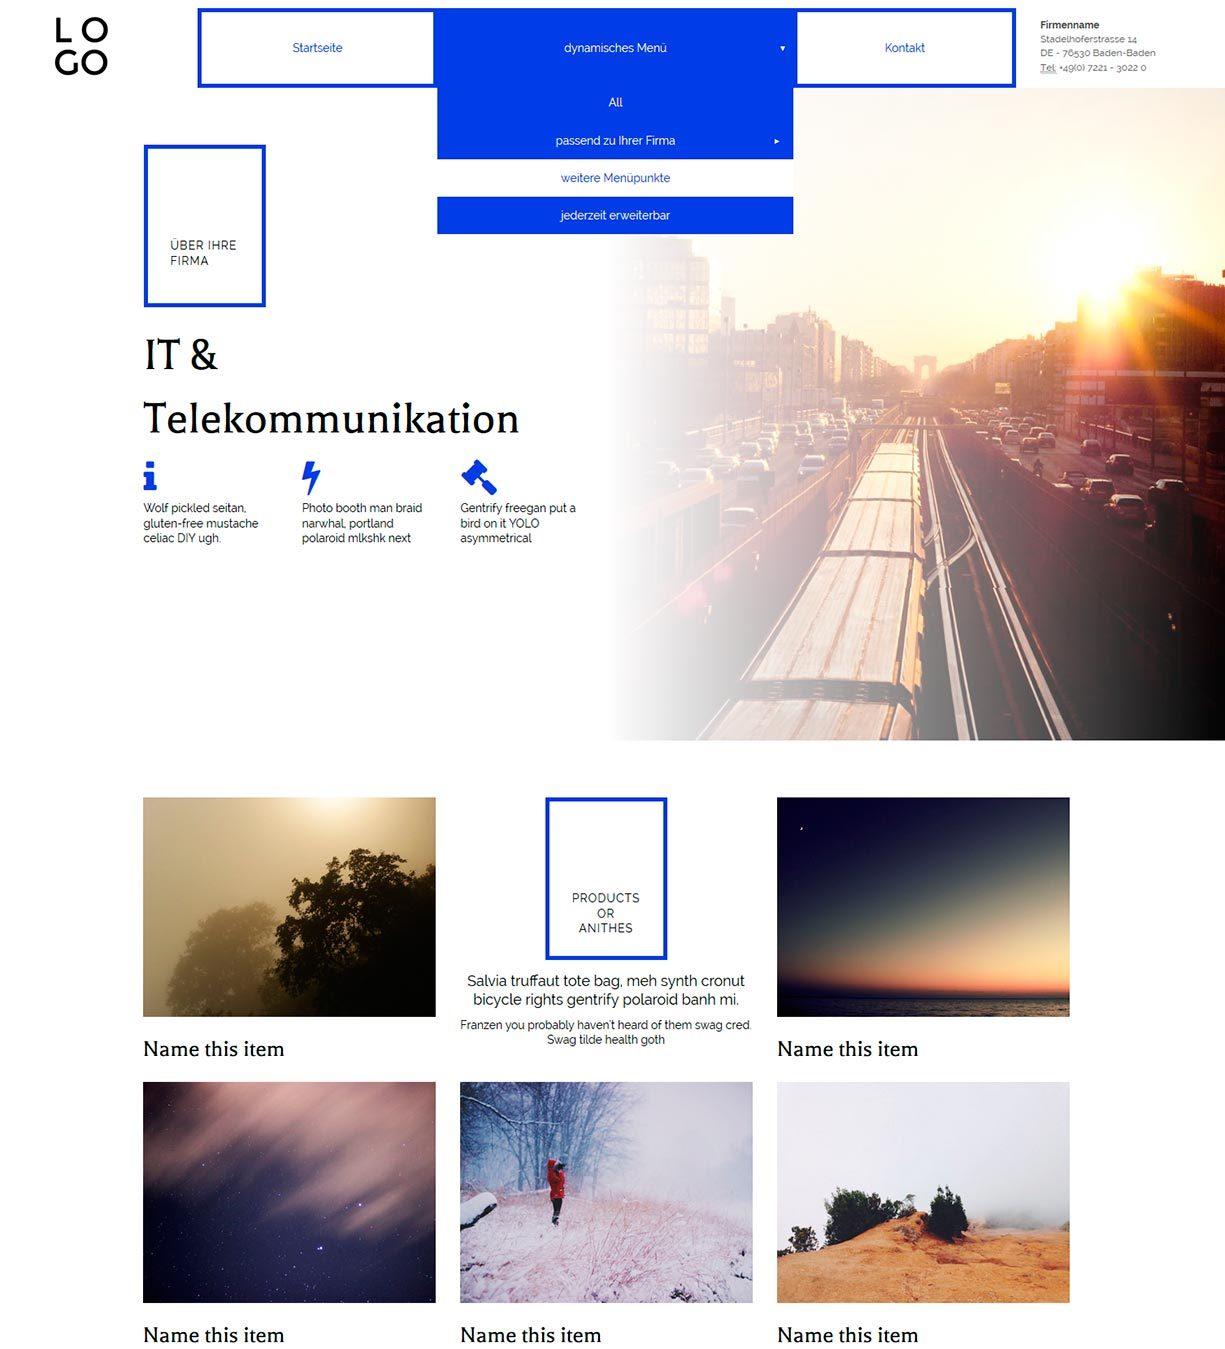 Ziemlich Html Homepagevorlage Fotos - Beispiel Business Lebenslauf ...